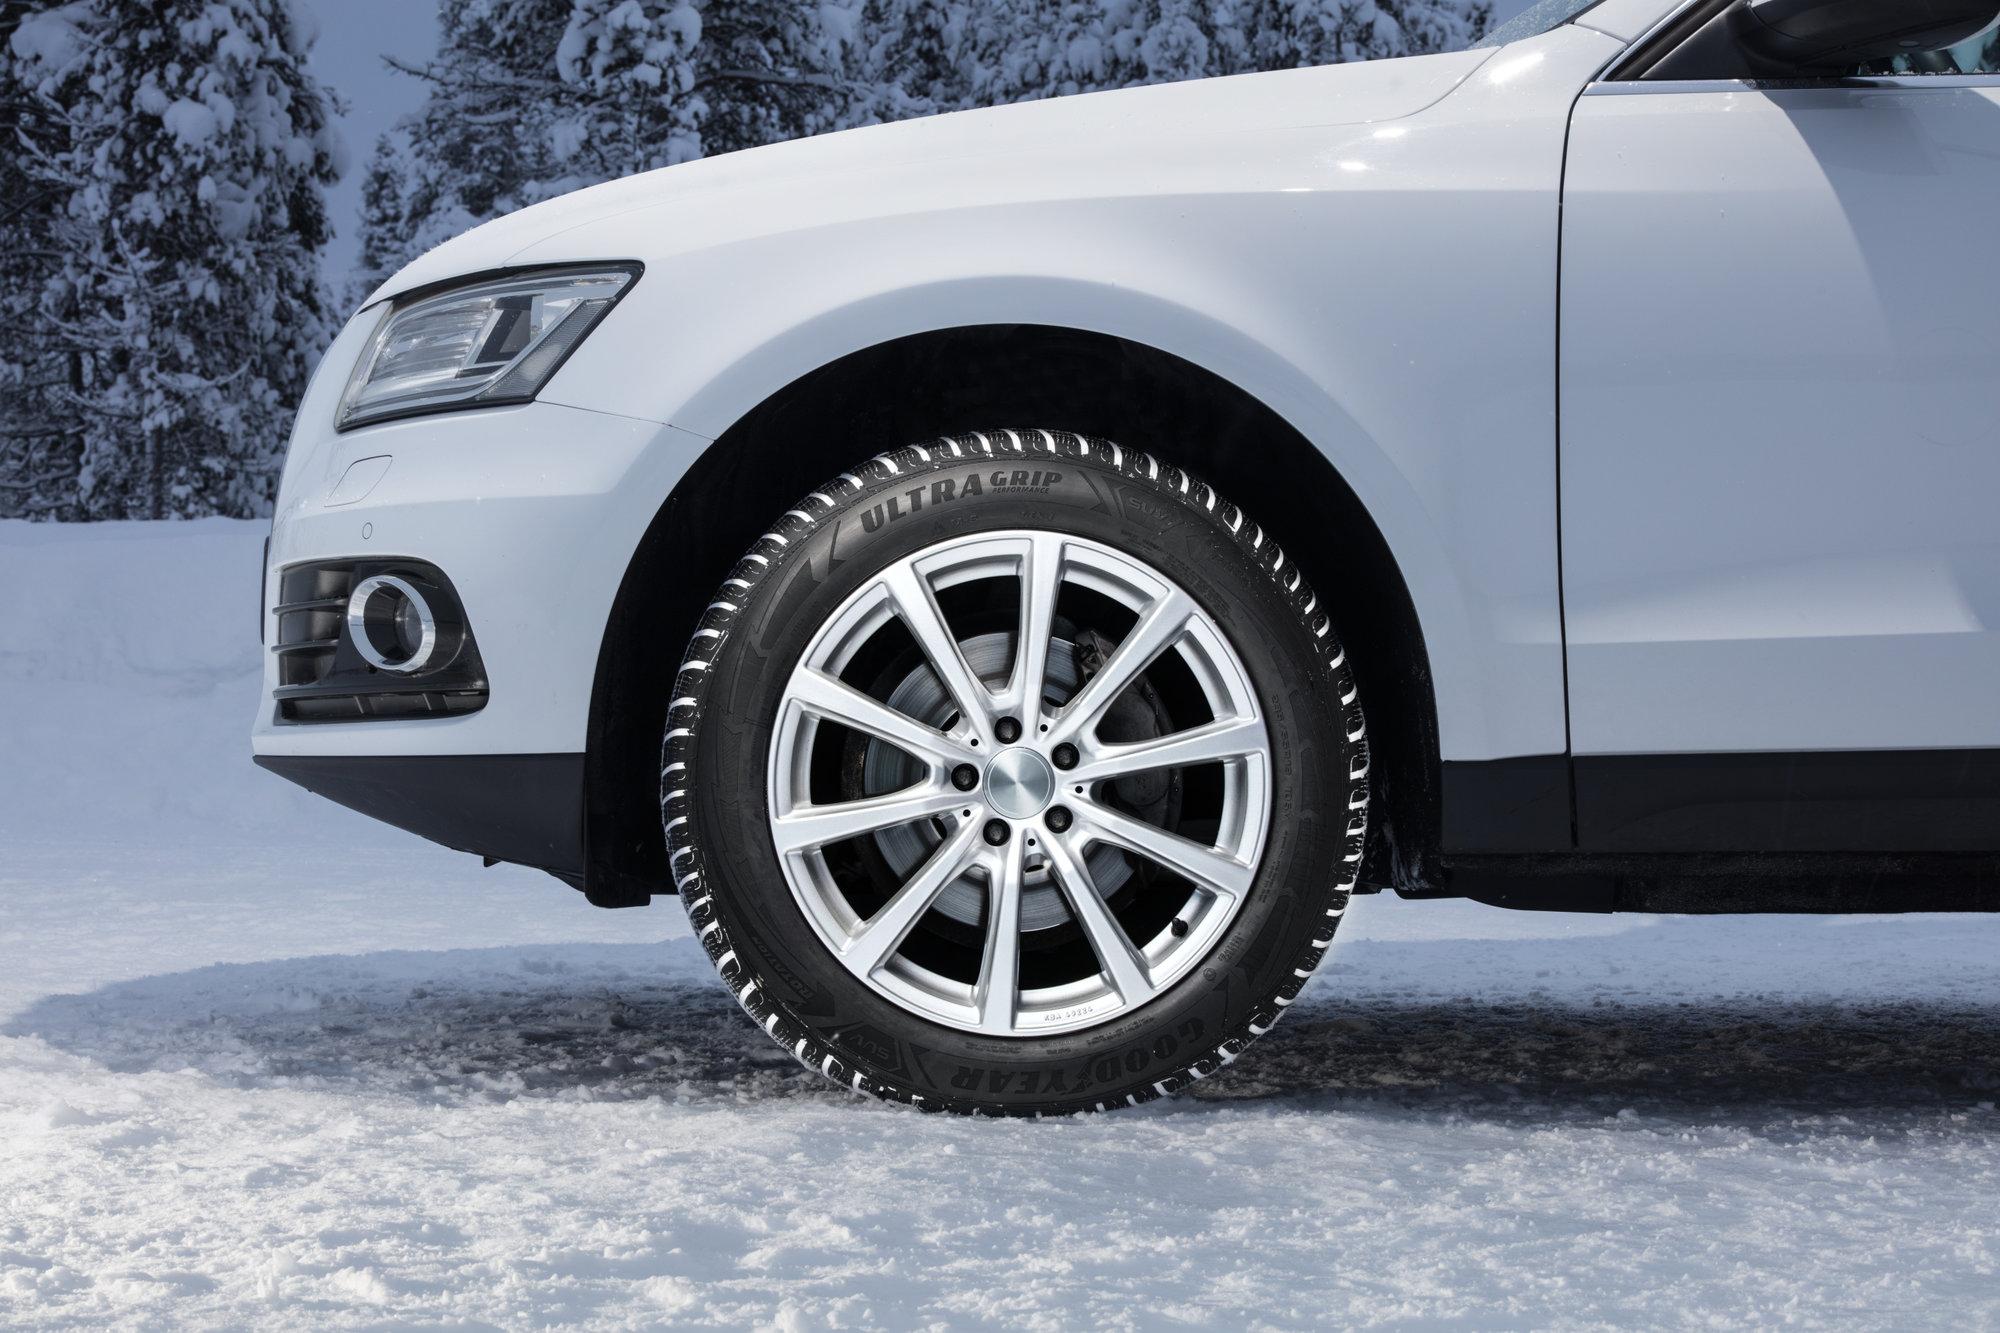 Celoroční pneu: Solidní kompromis s několika omezeními - anotační obrázek